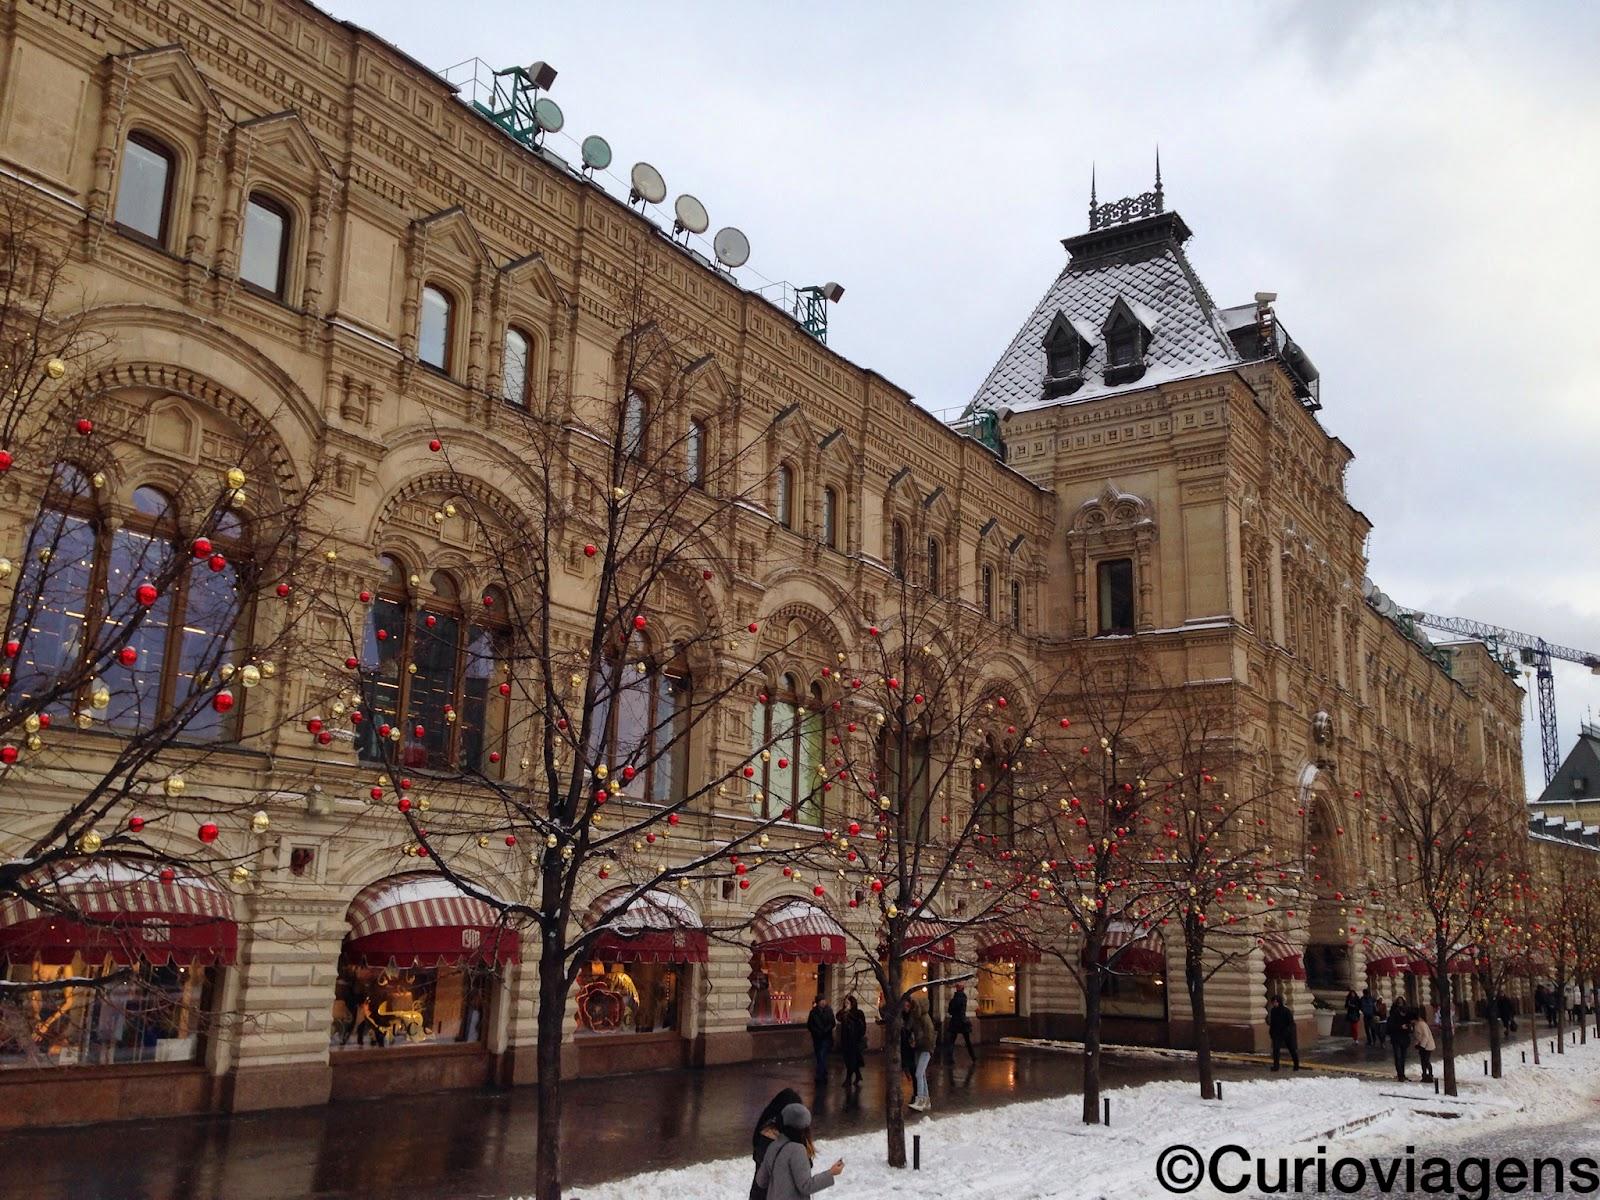 Praça vermelha - Krasnaya Ploshchad